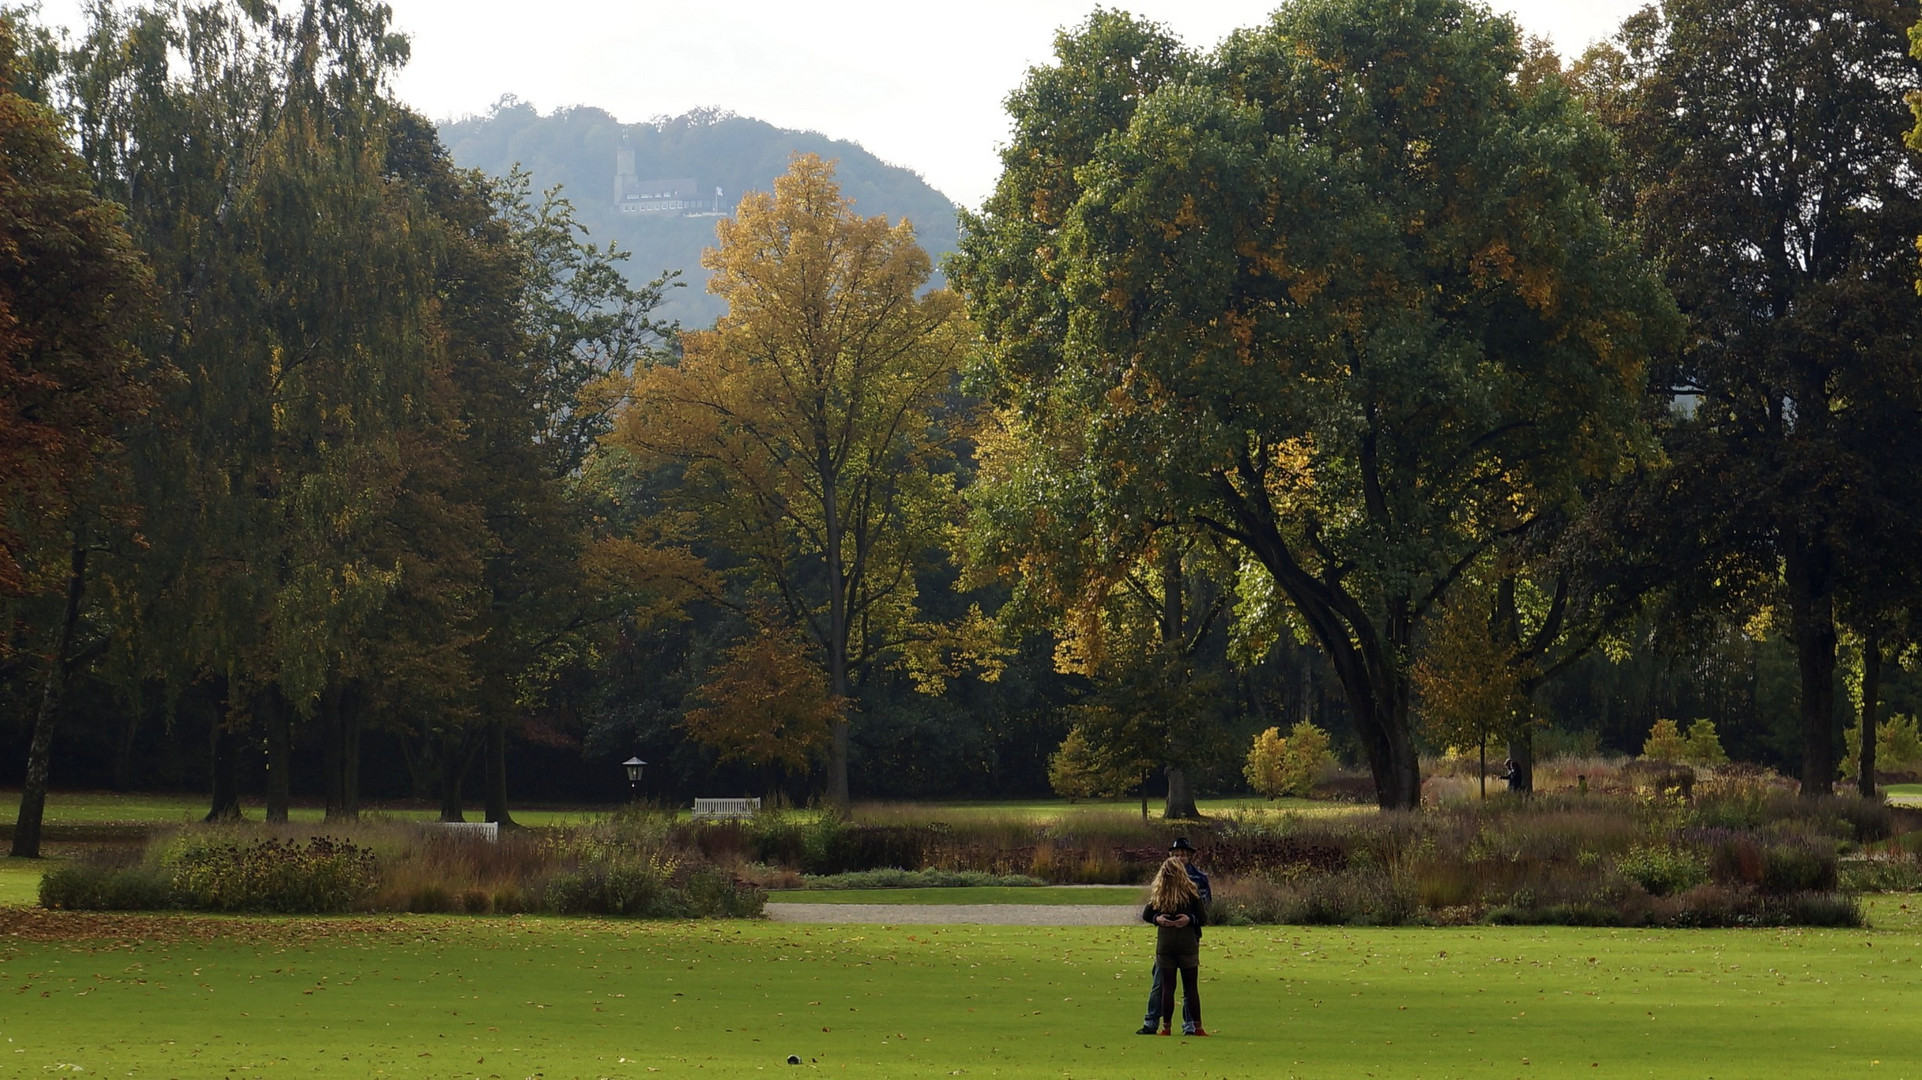 Gräflicher Park in Bad Driburg